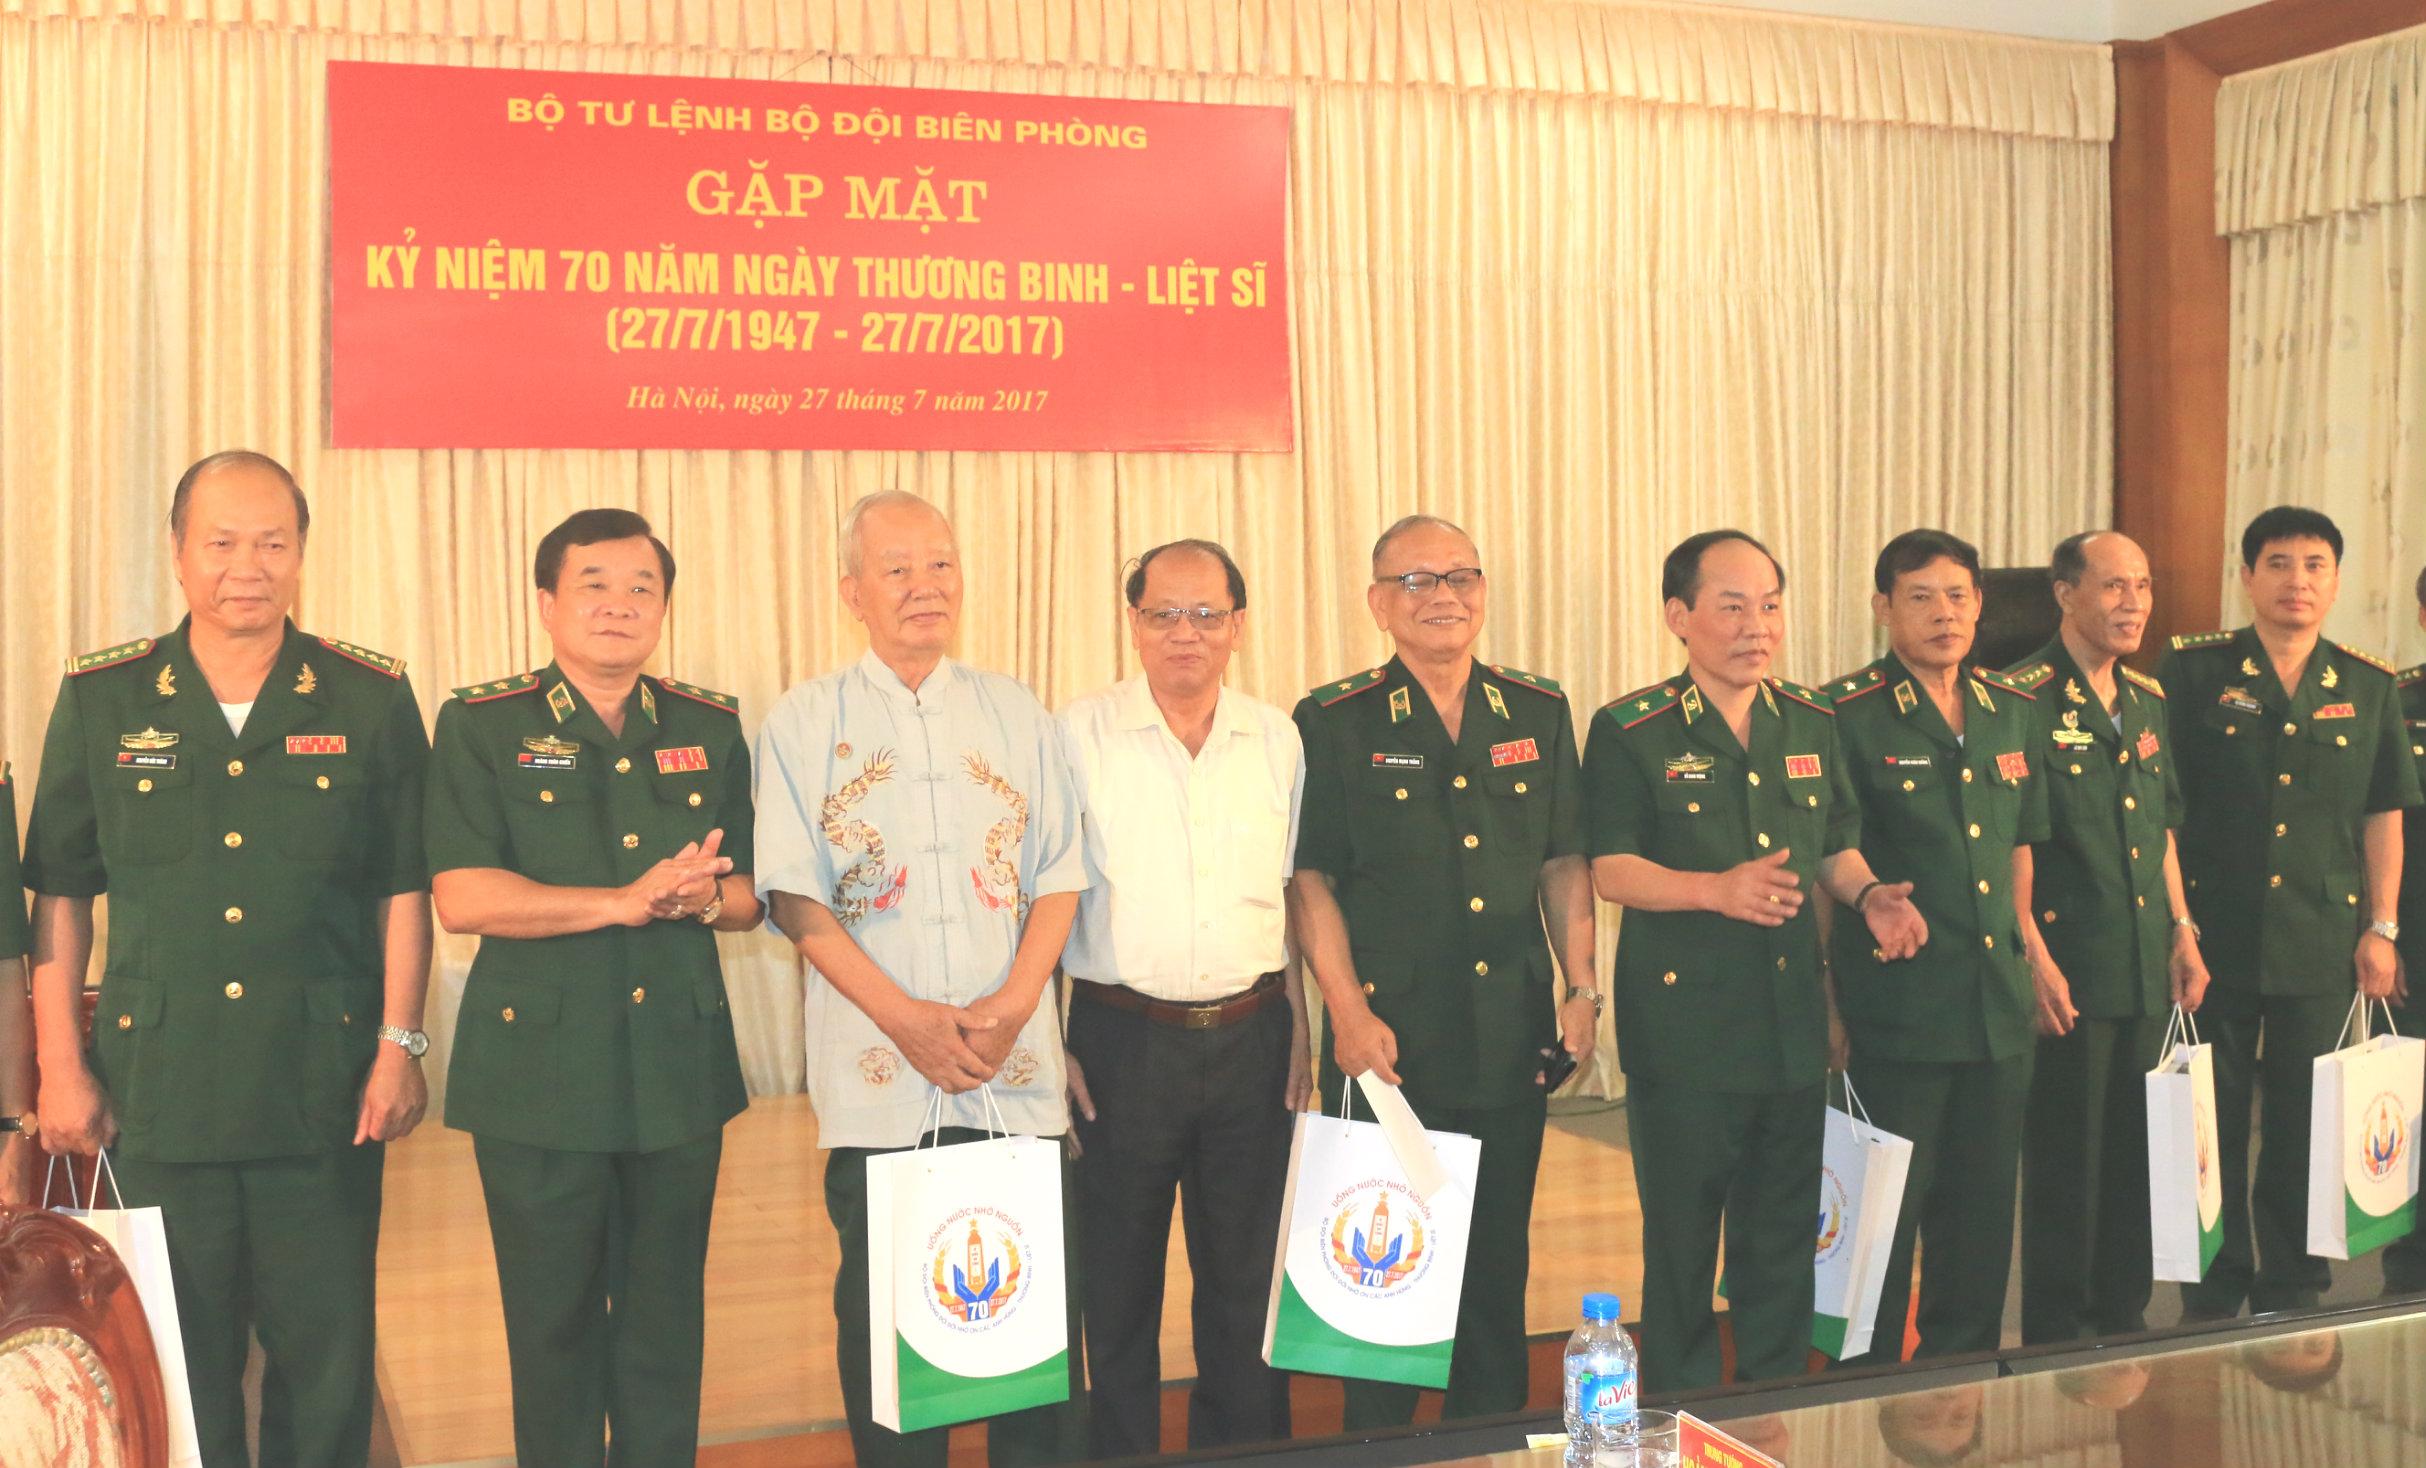 Bộ Tư lệnh BĐBP: Gặp mặt kỷ niệm 70 năm Ngày Thương binh - Liệt sĩ